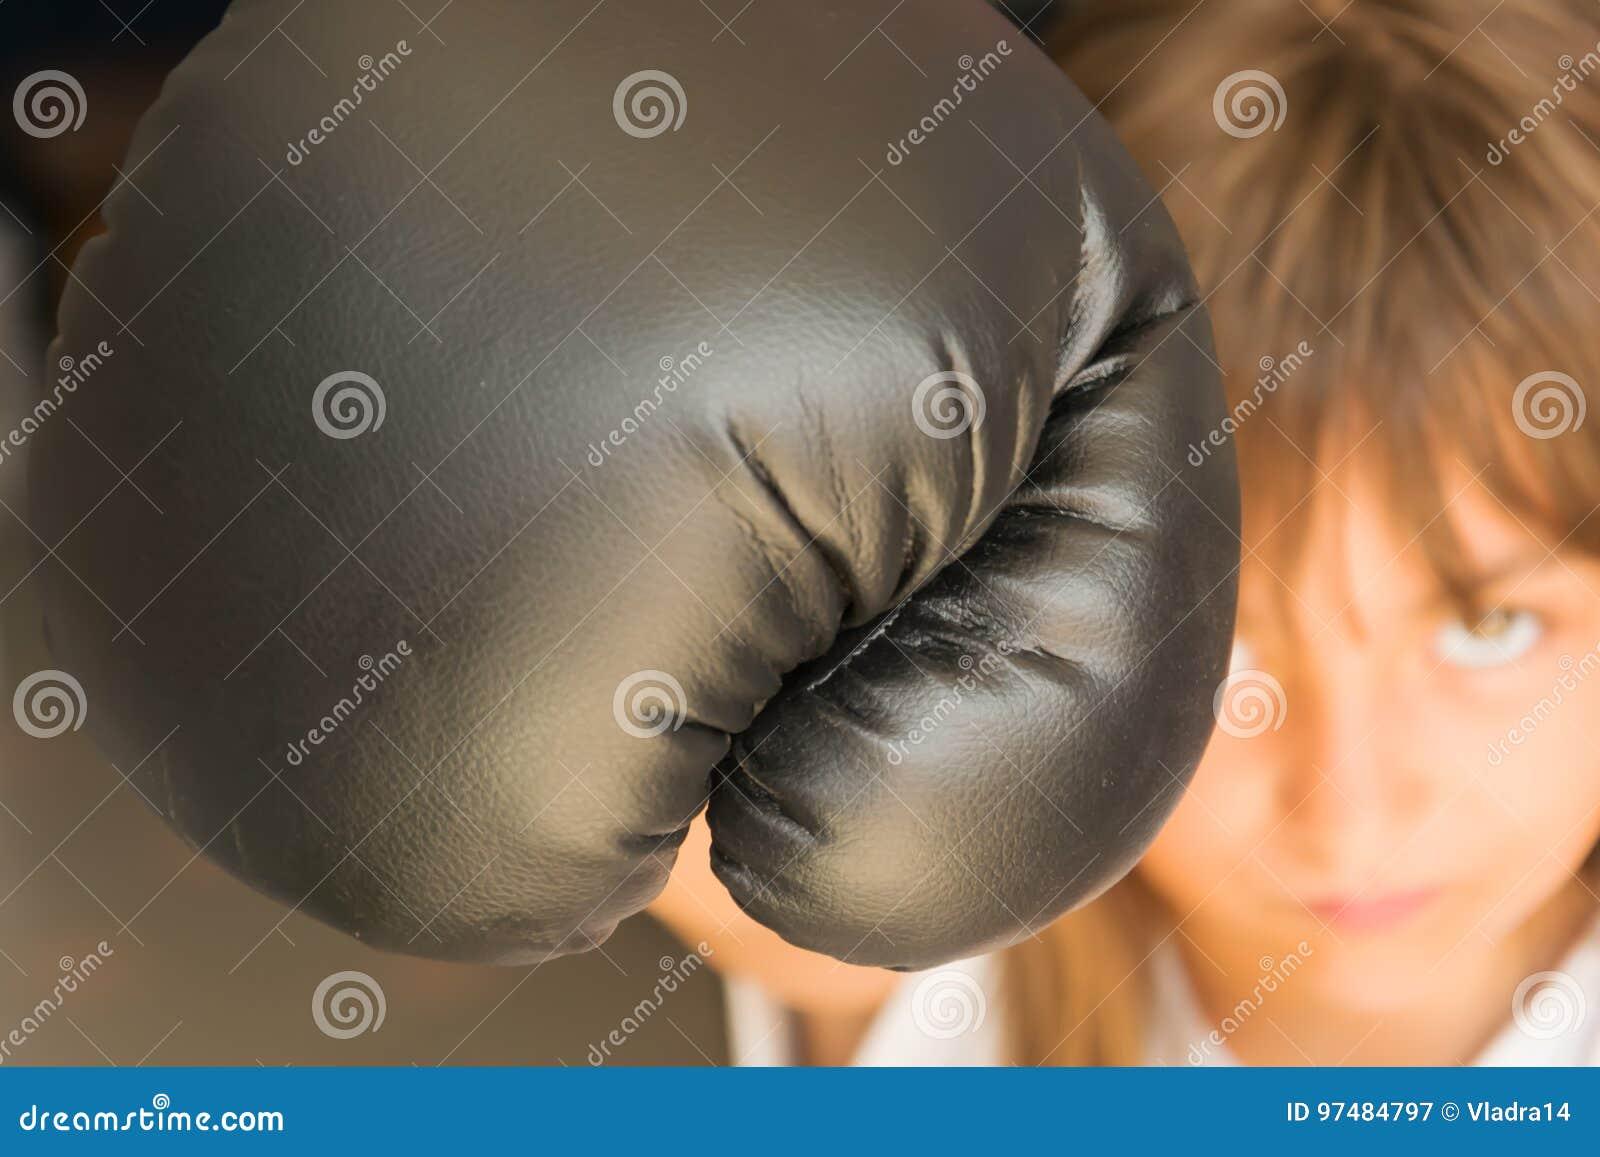 Ragazza con i guanti di inscatolamento